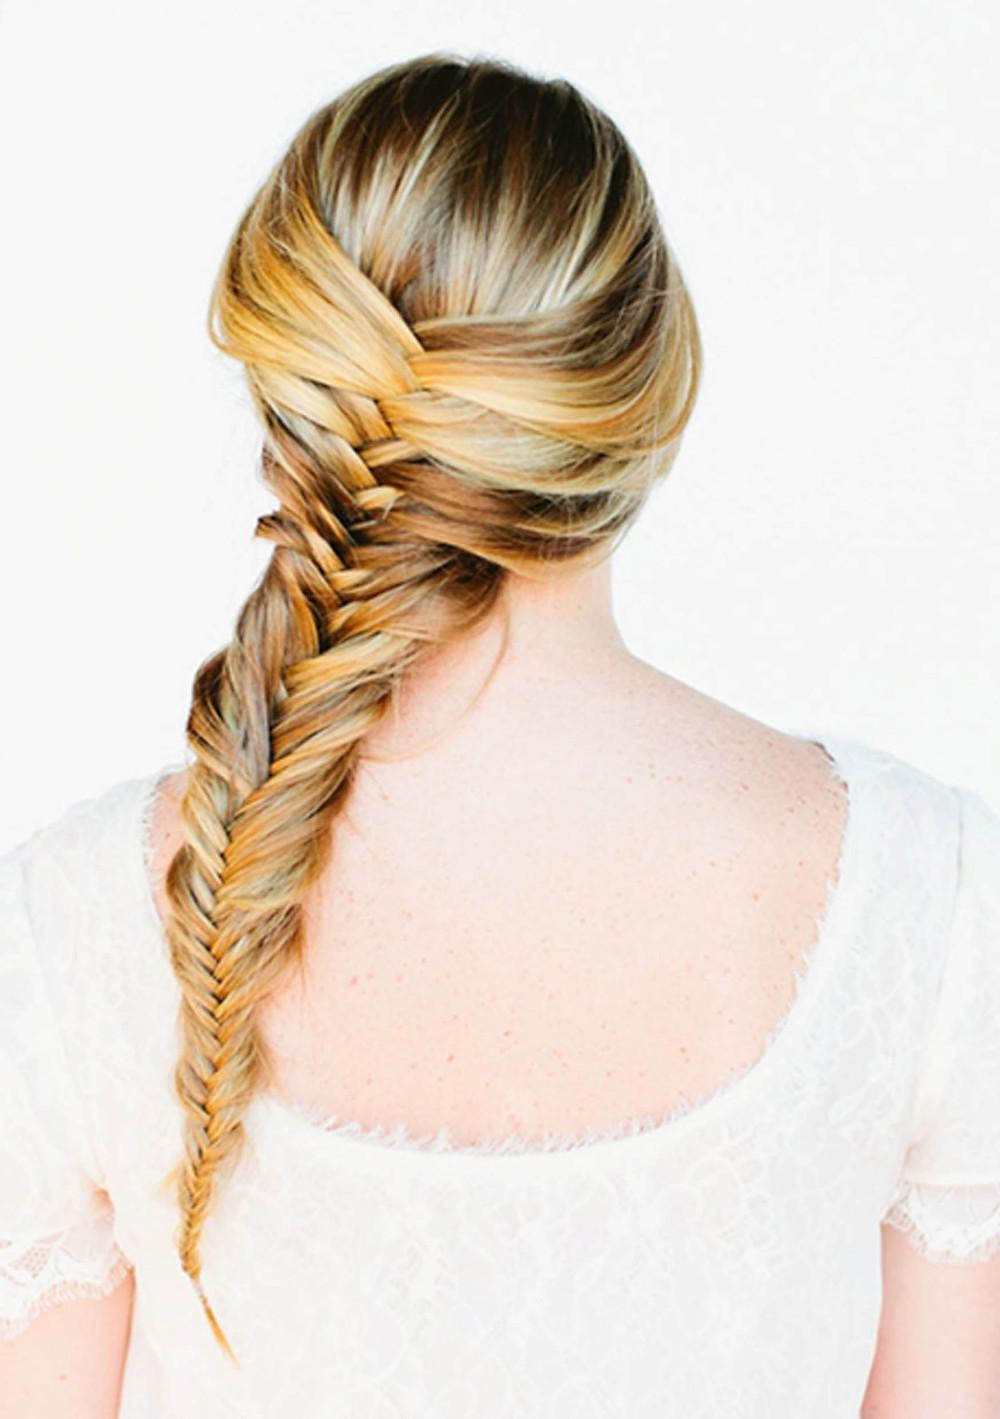 fish tail braid skiing hair idea